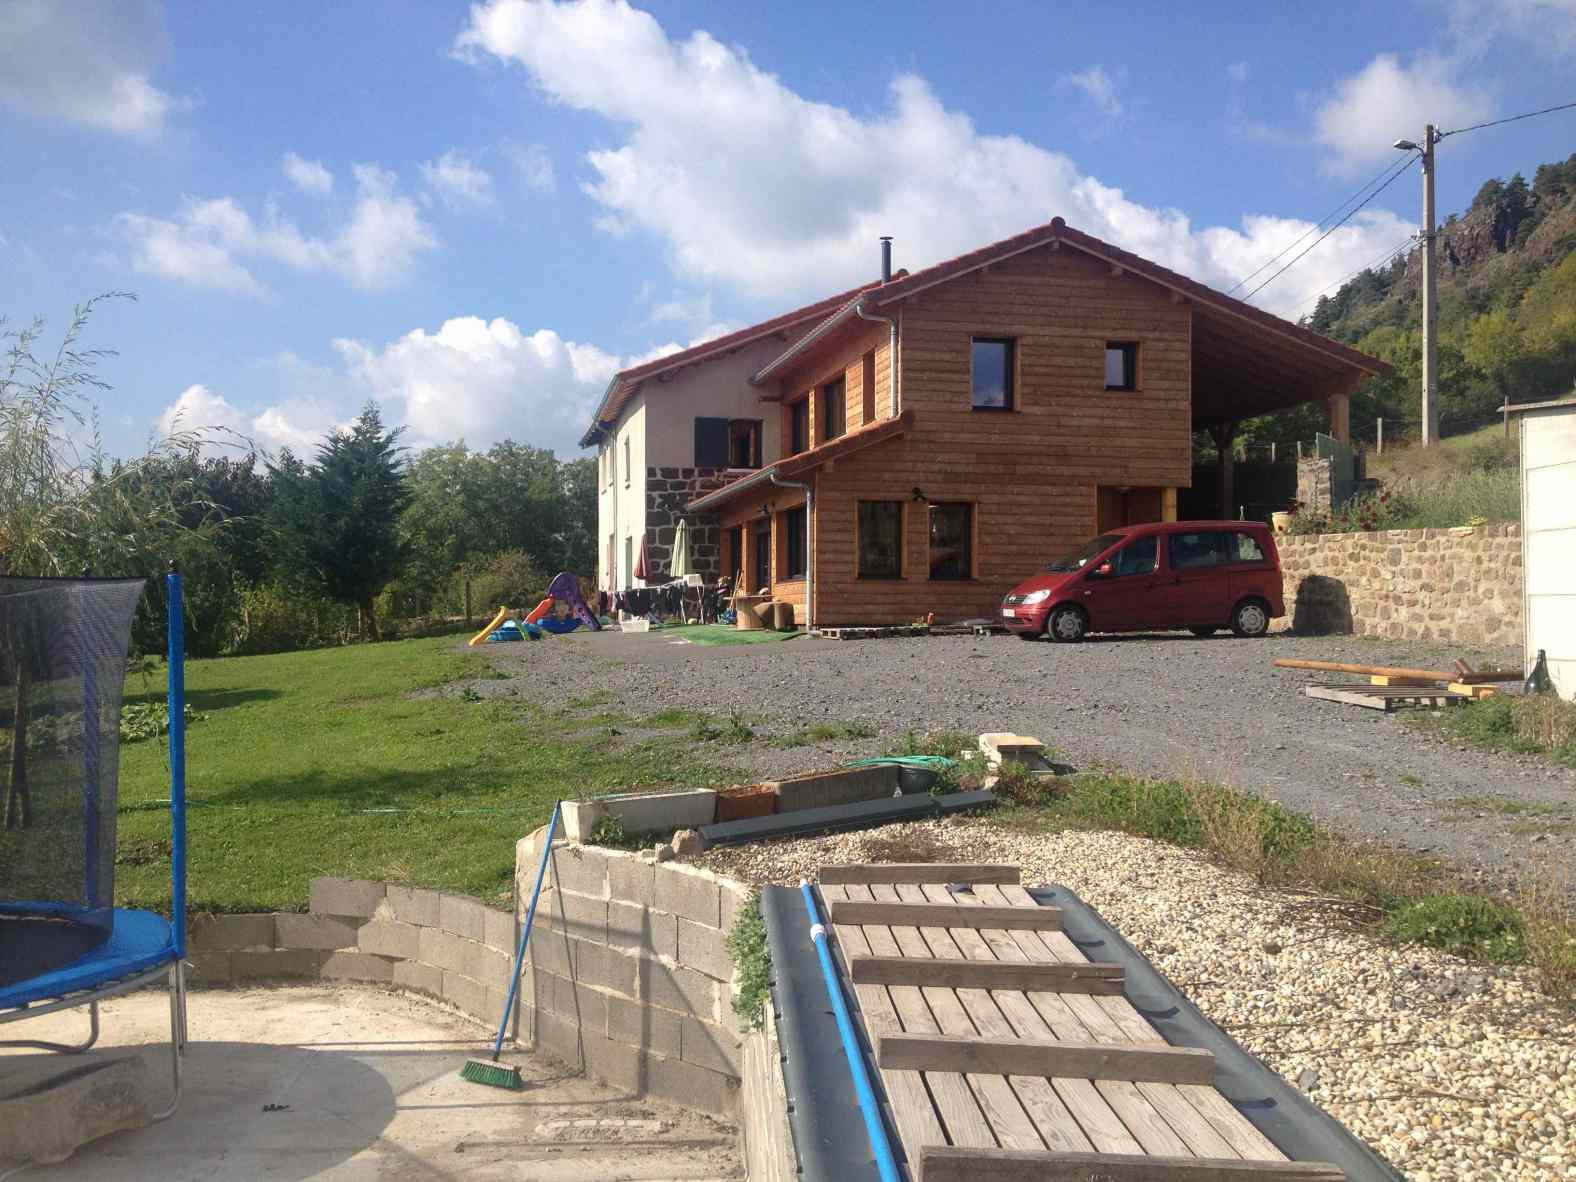 2011 r novation extension bois d 39 une maison en pierre polignac eco architecte. Black Bedroom Furniture Sets. Home Design Ideas